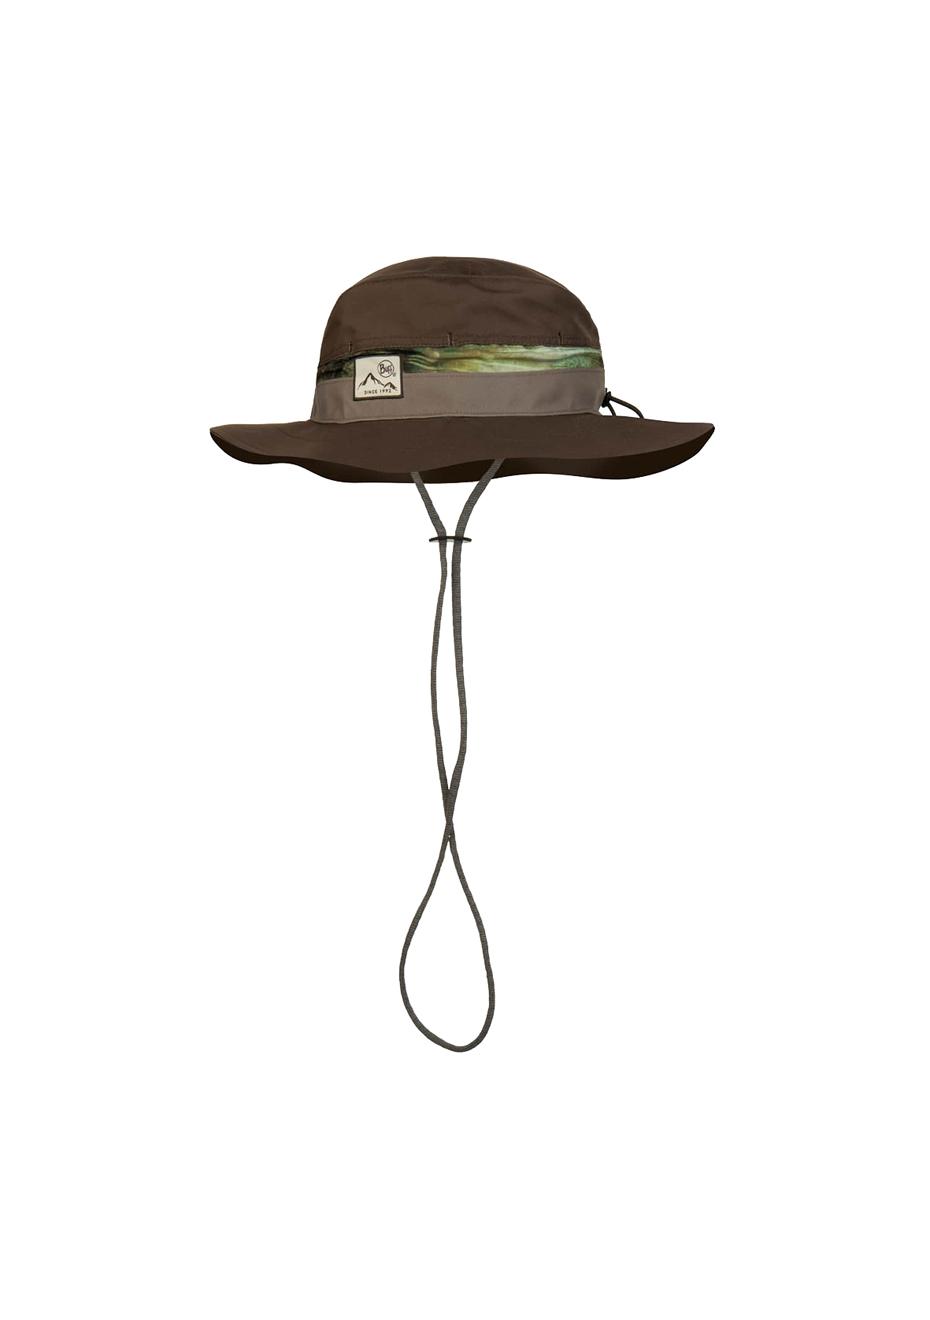 ATLANTIS Desert Impermeabile Cappello Pescatore H/üte Kappen Chapeaux Berretto Cotone Fibbia Metallo Baseball cap